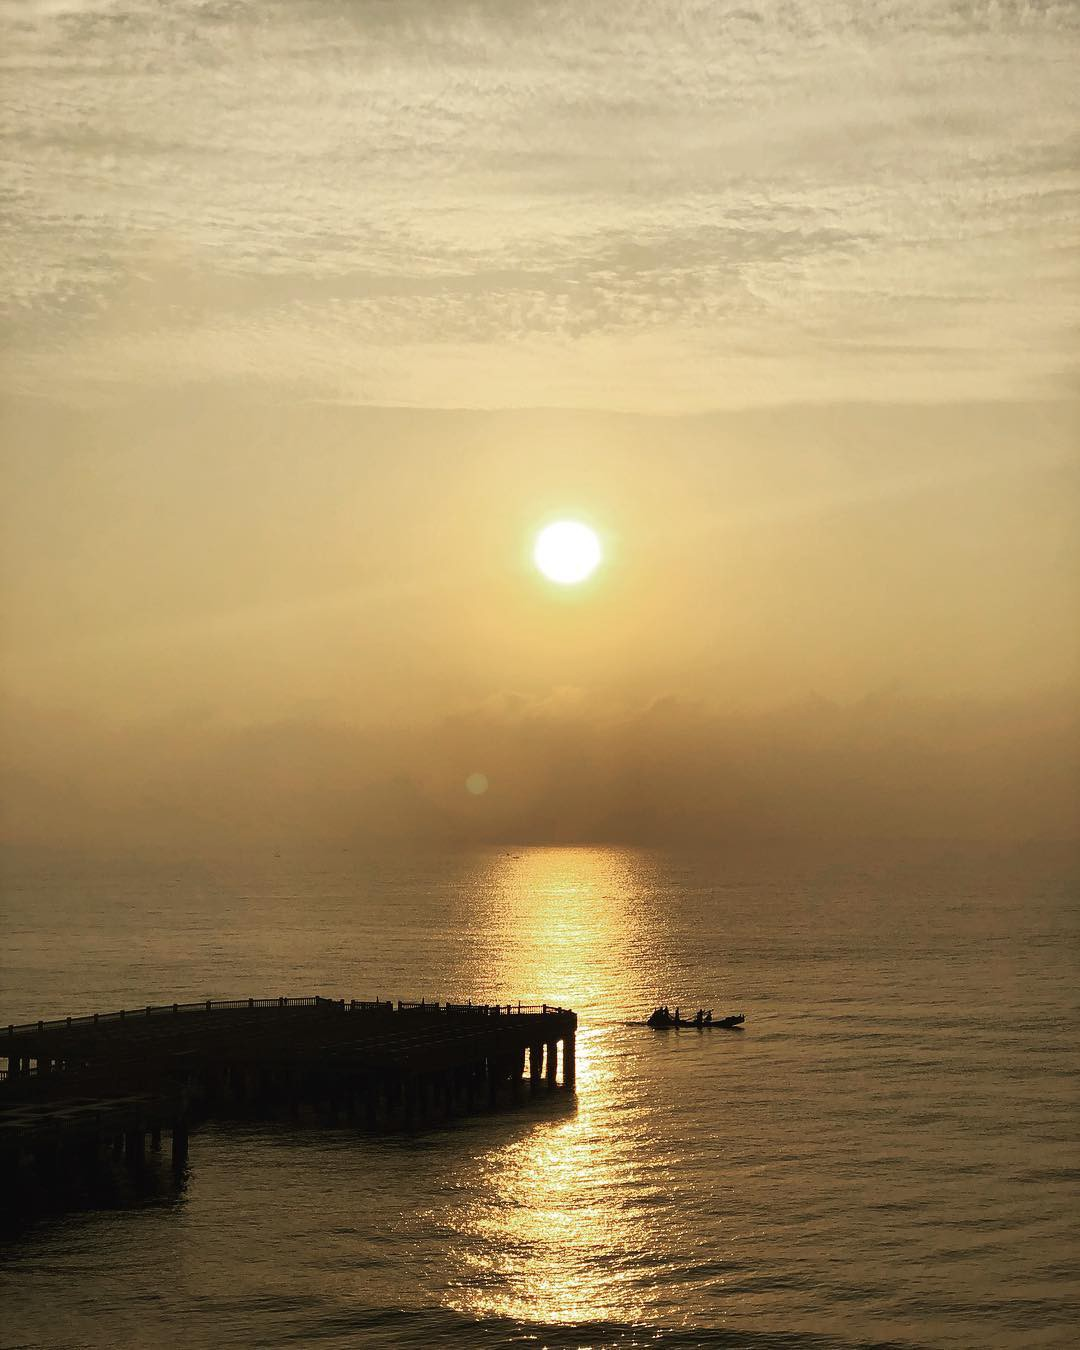 Không thể ngờ ở ngay gần Hà Nội cũng có khu cầu cảng trắng muốt mang hơi thở châu Âu thế này - Ảnh 15.